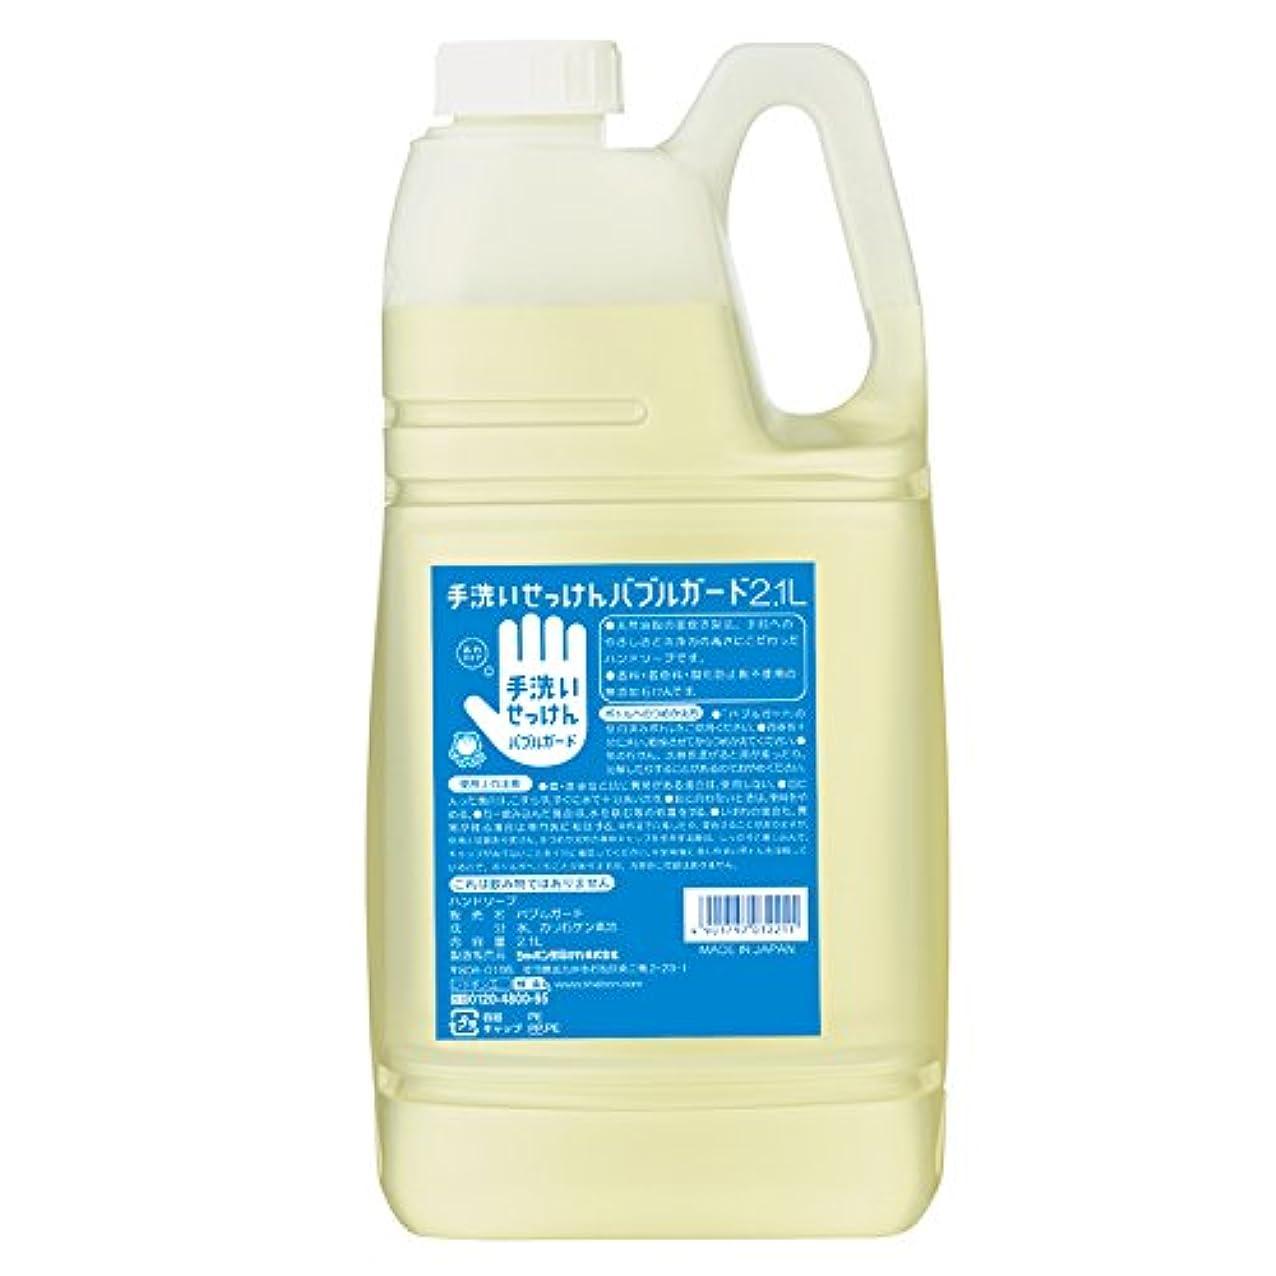 ワークショップランデブー気難しいシャボン玉石けん 手洗いせっけん?ハンドソープ バブルガード 2.1L